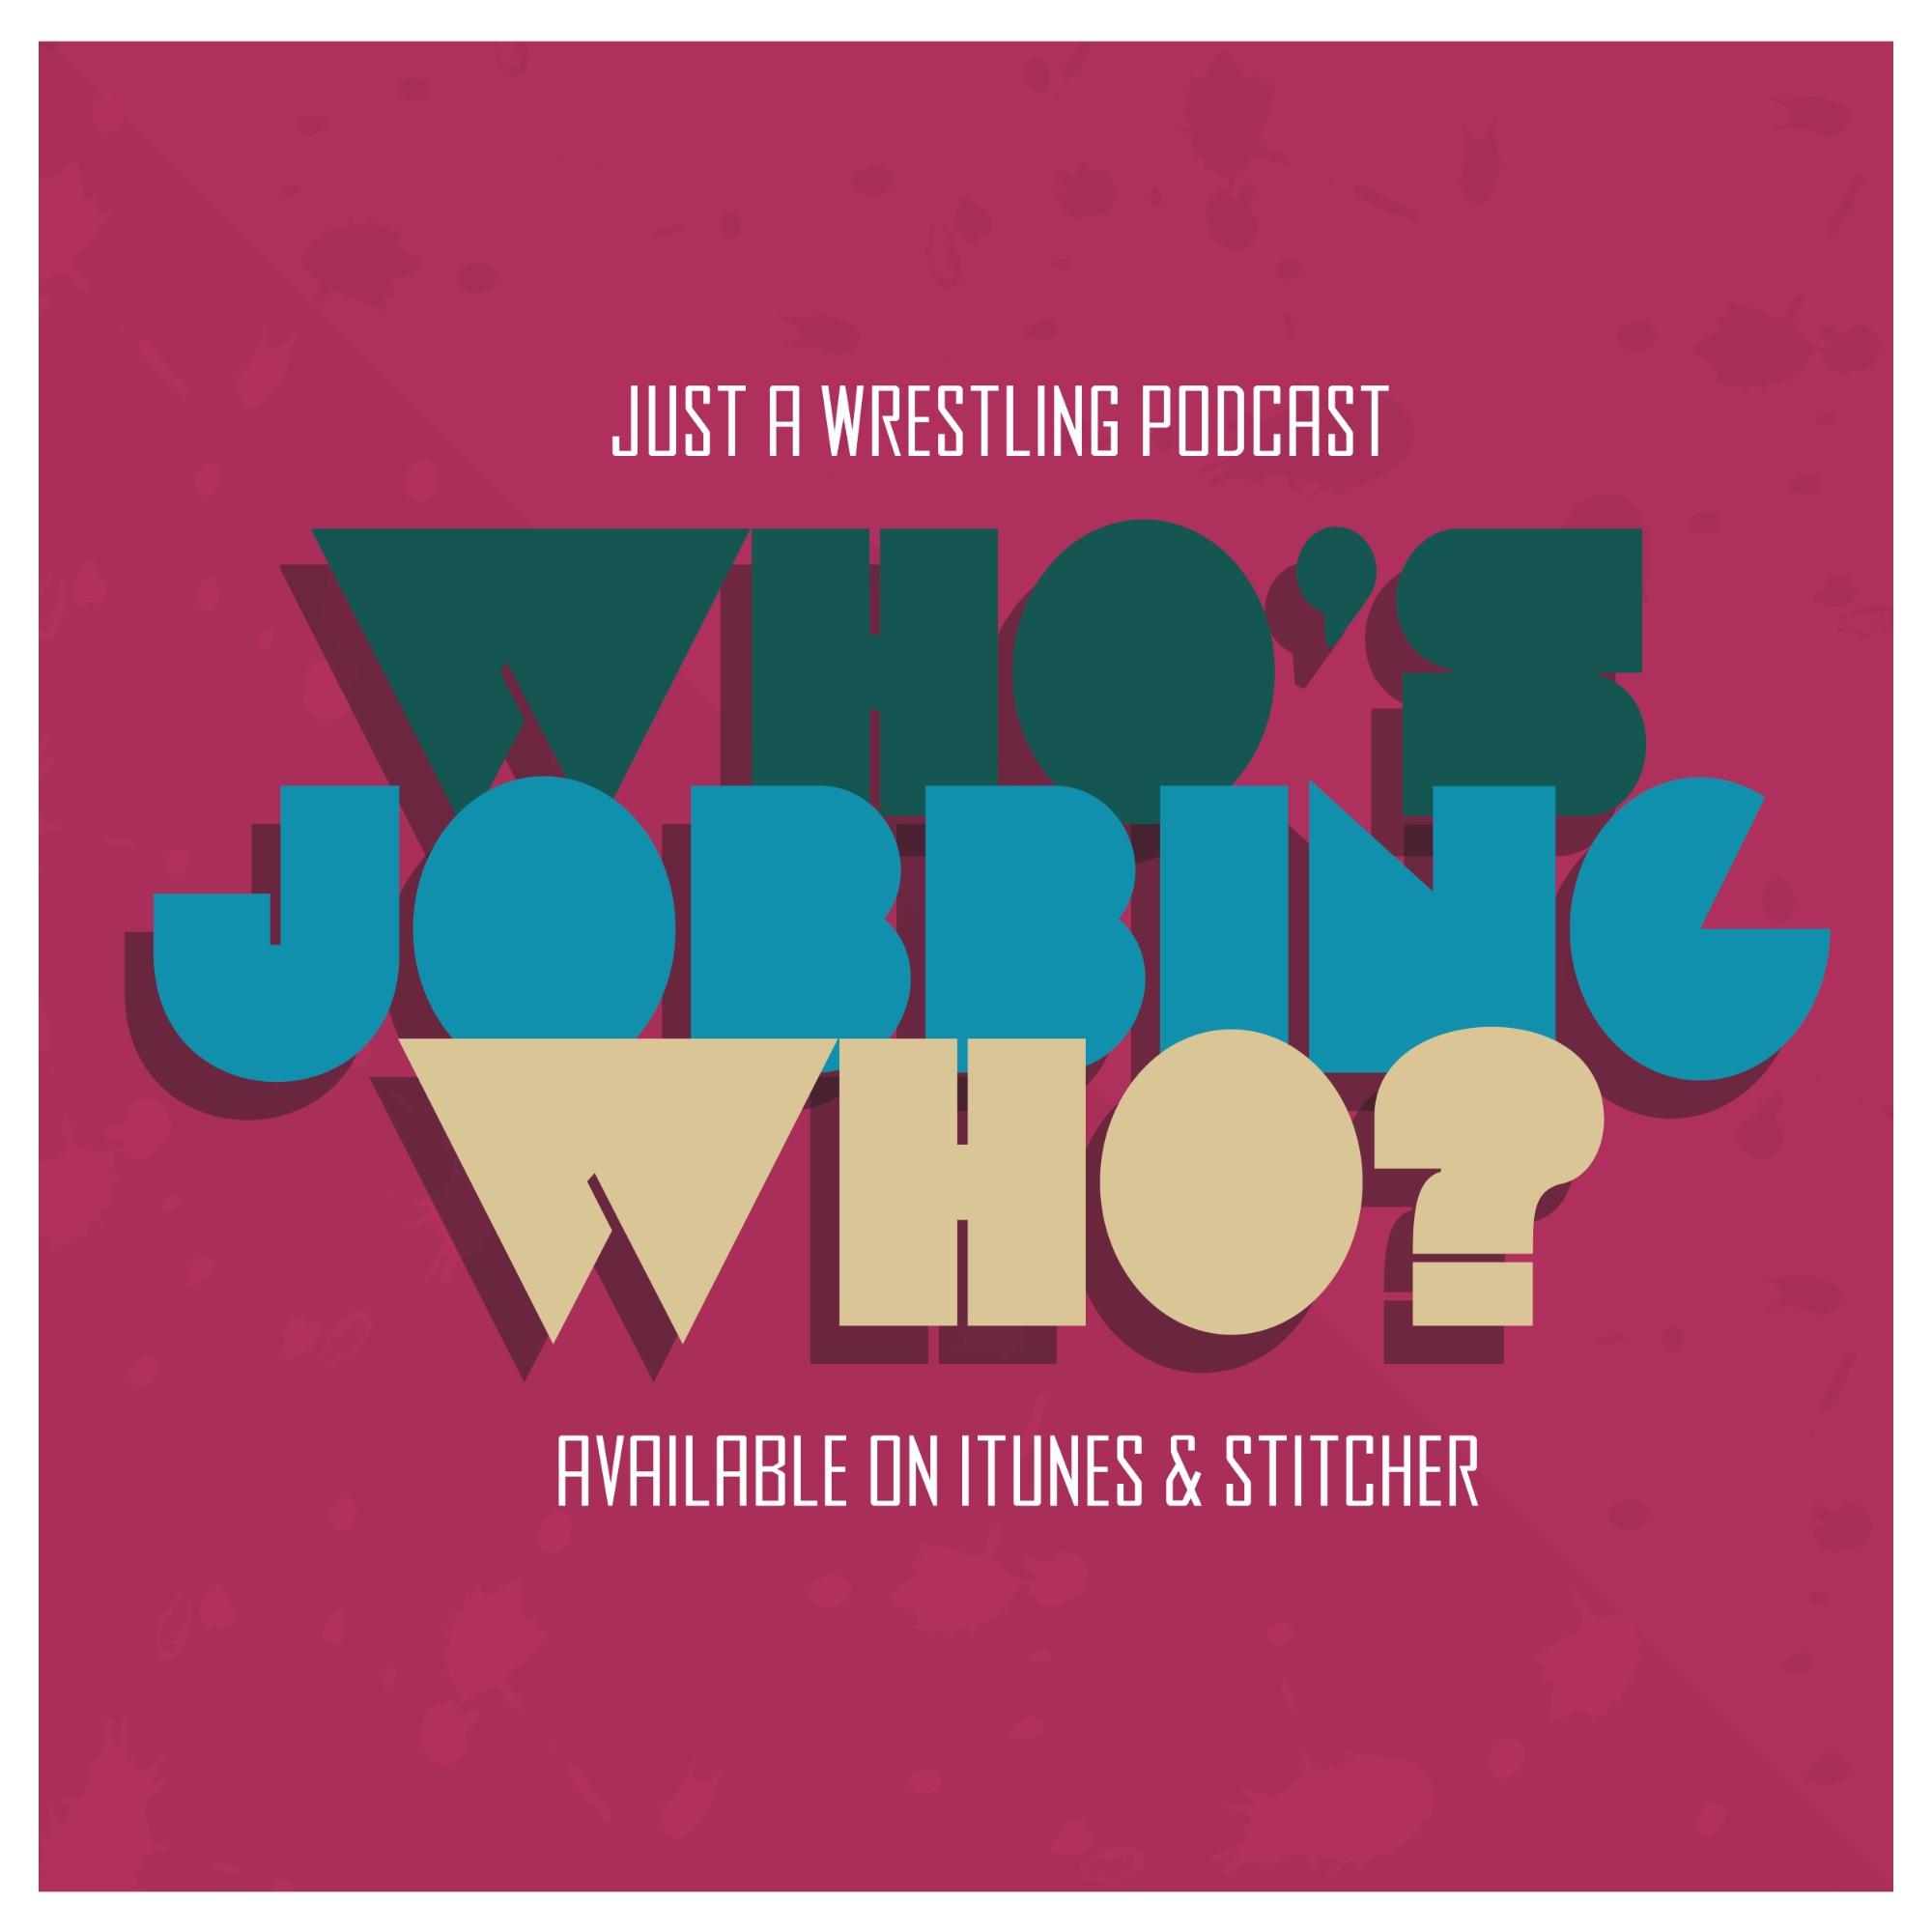 Who's Jobbing Who?